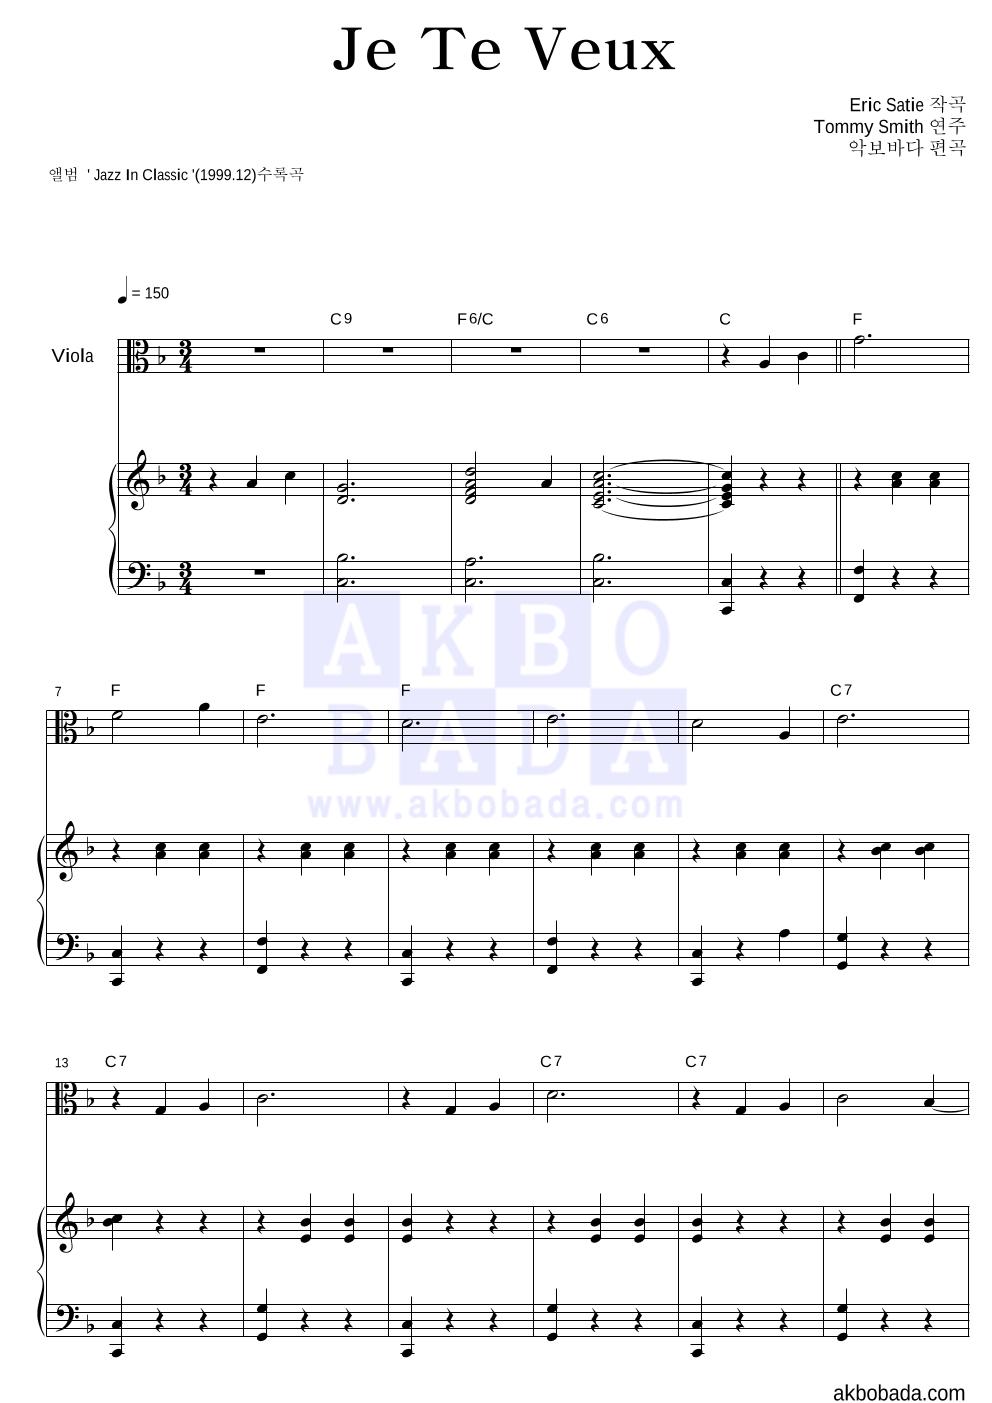 에릭 사티 - Je Te Veux 비올라&피아노 악보